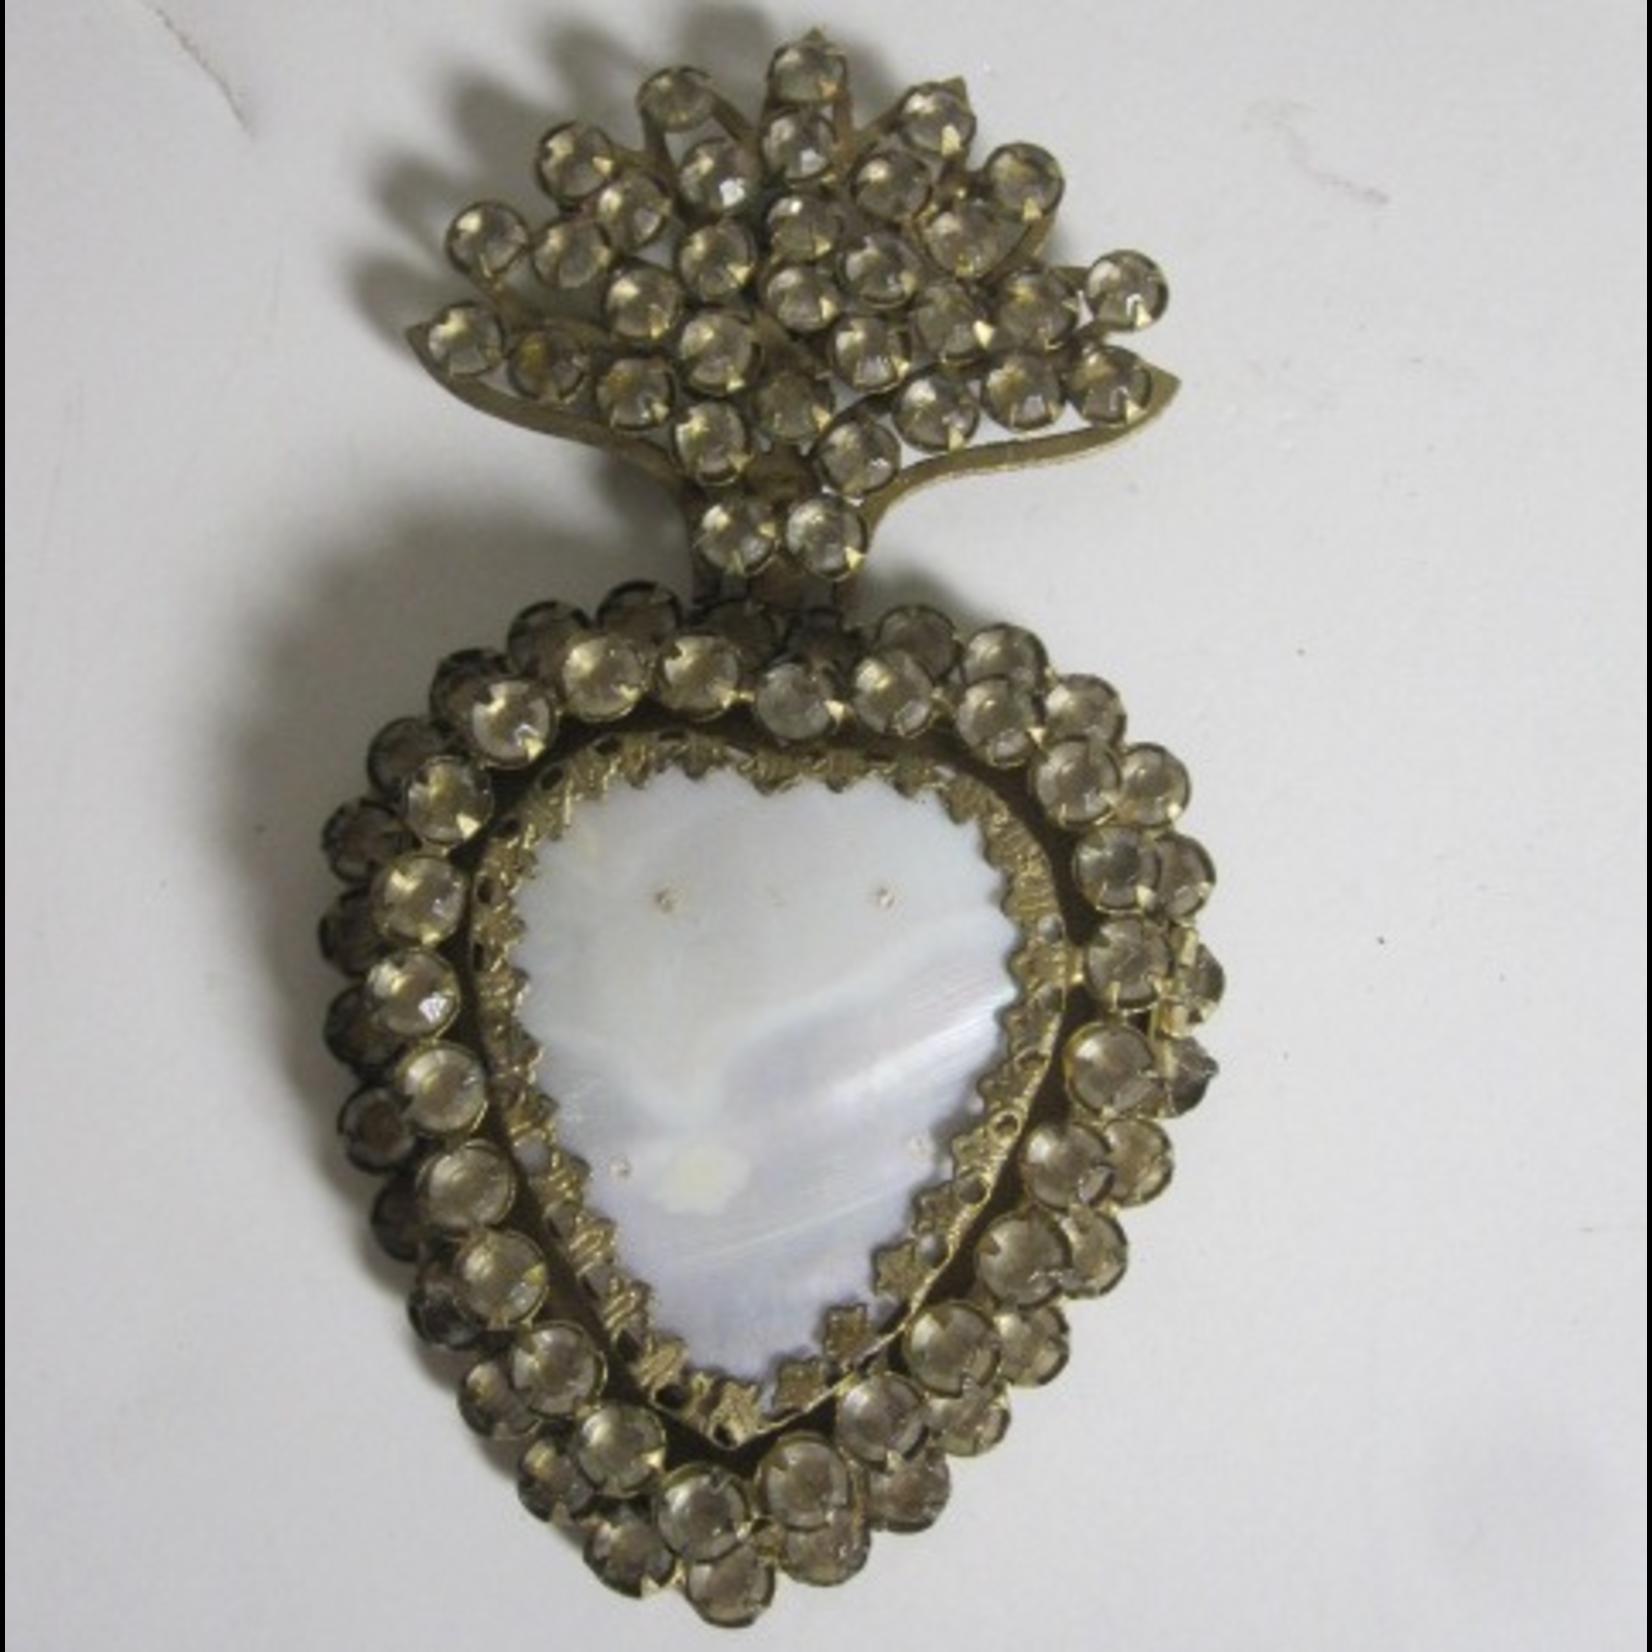 CHEHOMA Small jeweled heart box frame w/ diams